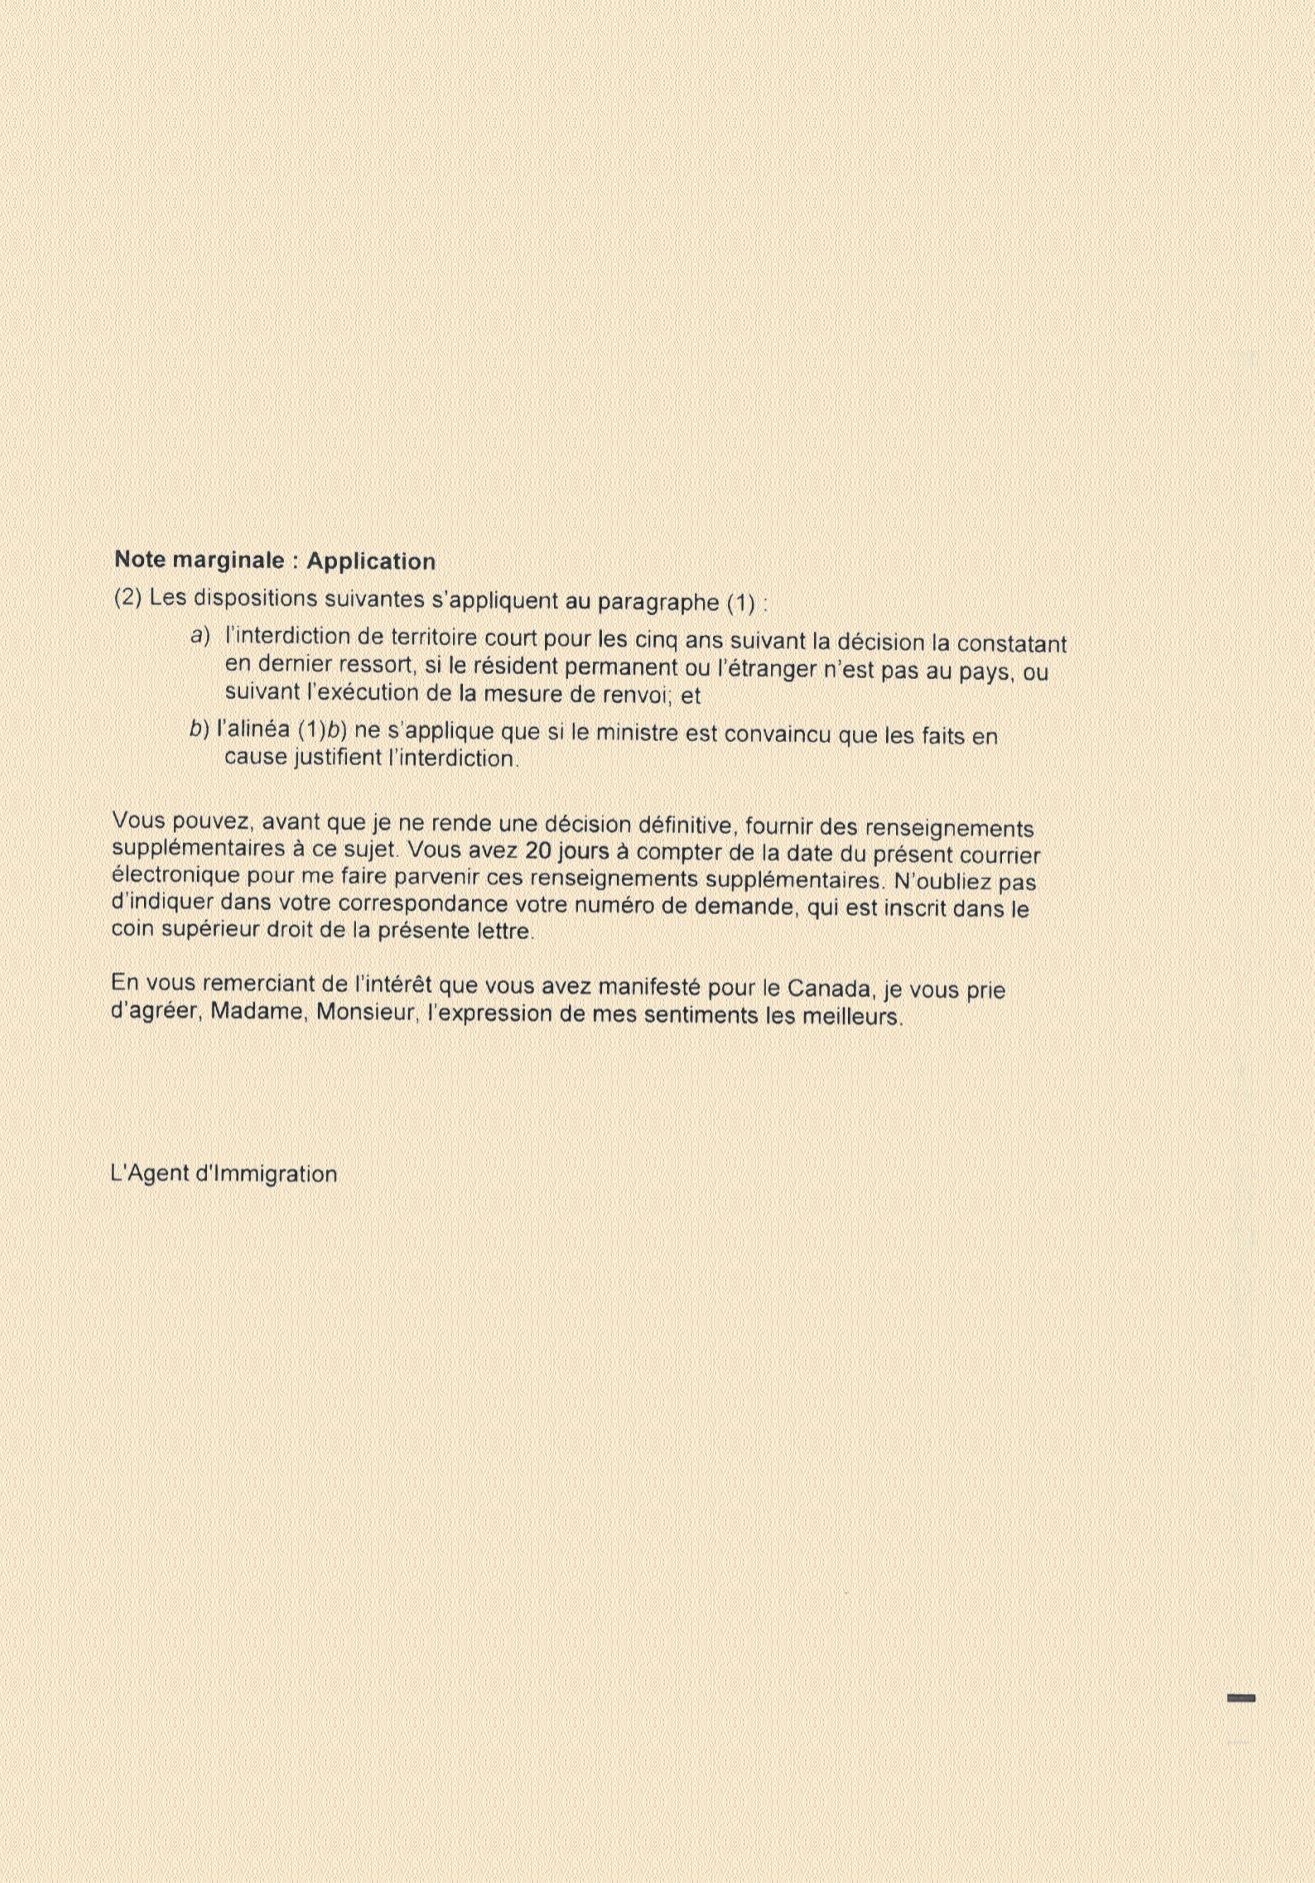 lettre explicative pour demande de visa